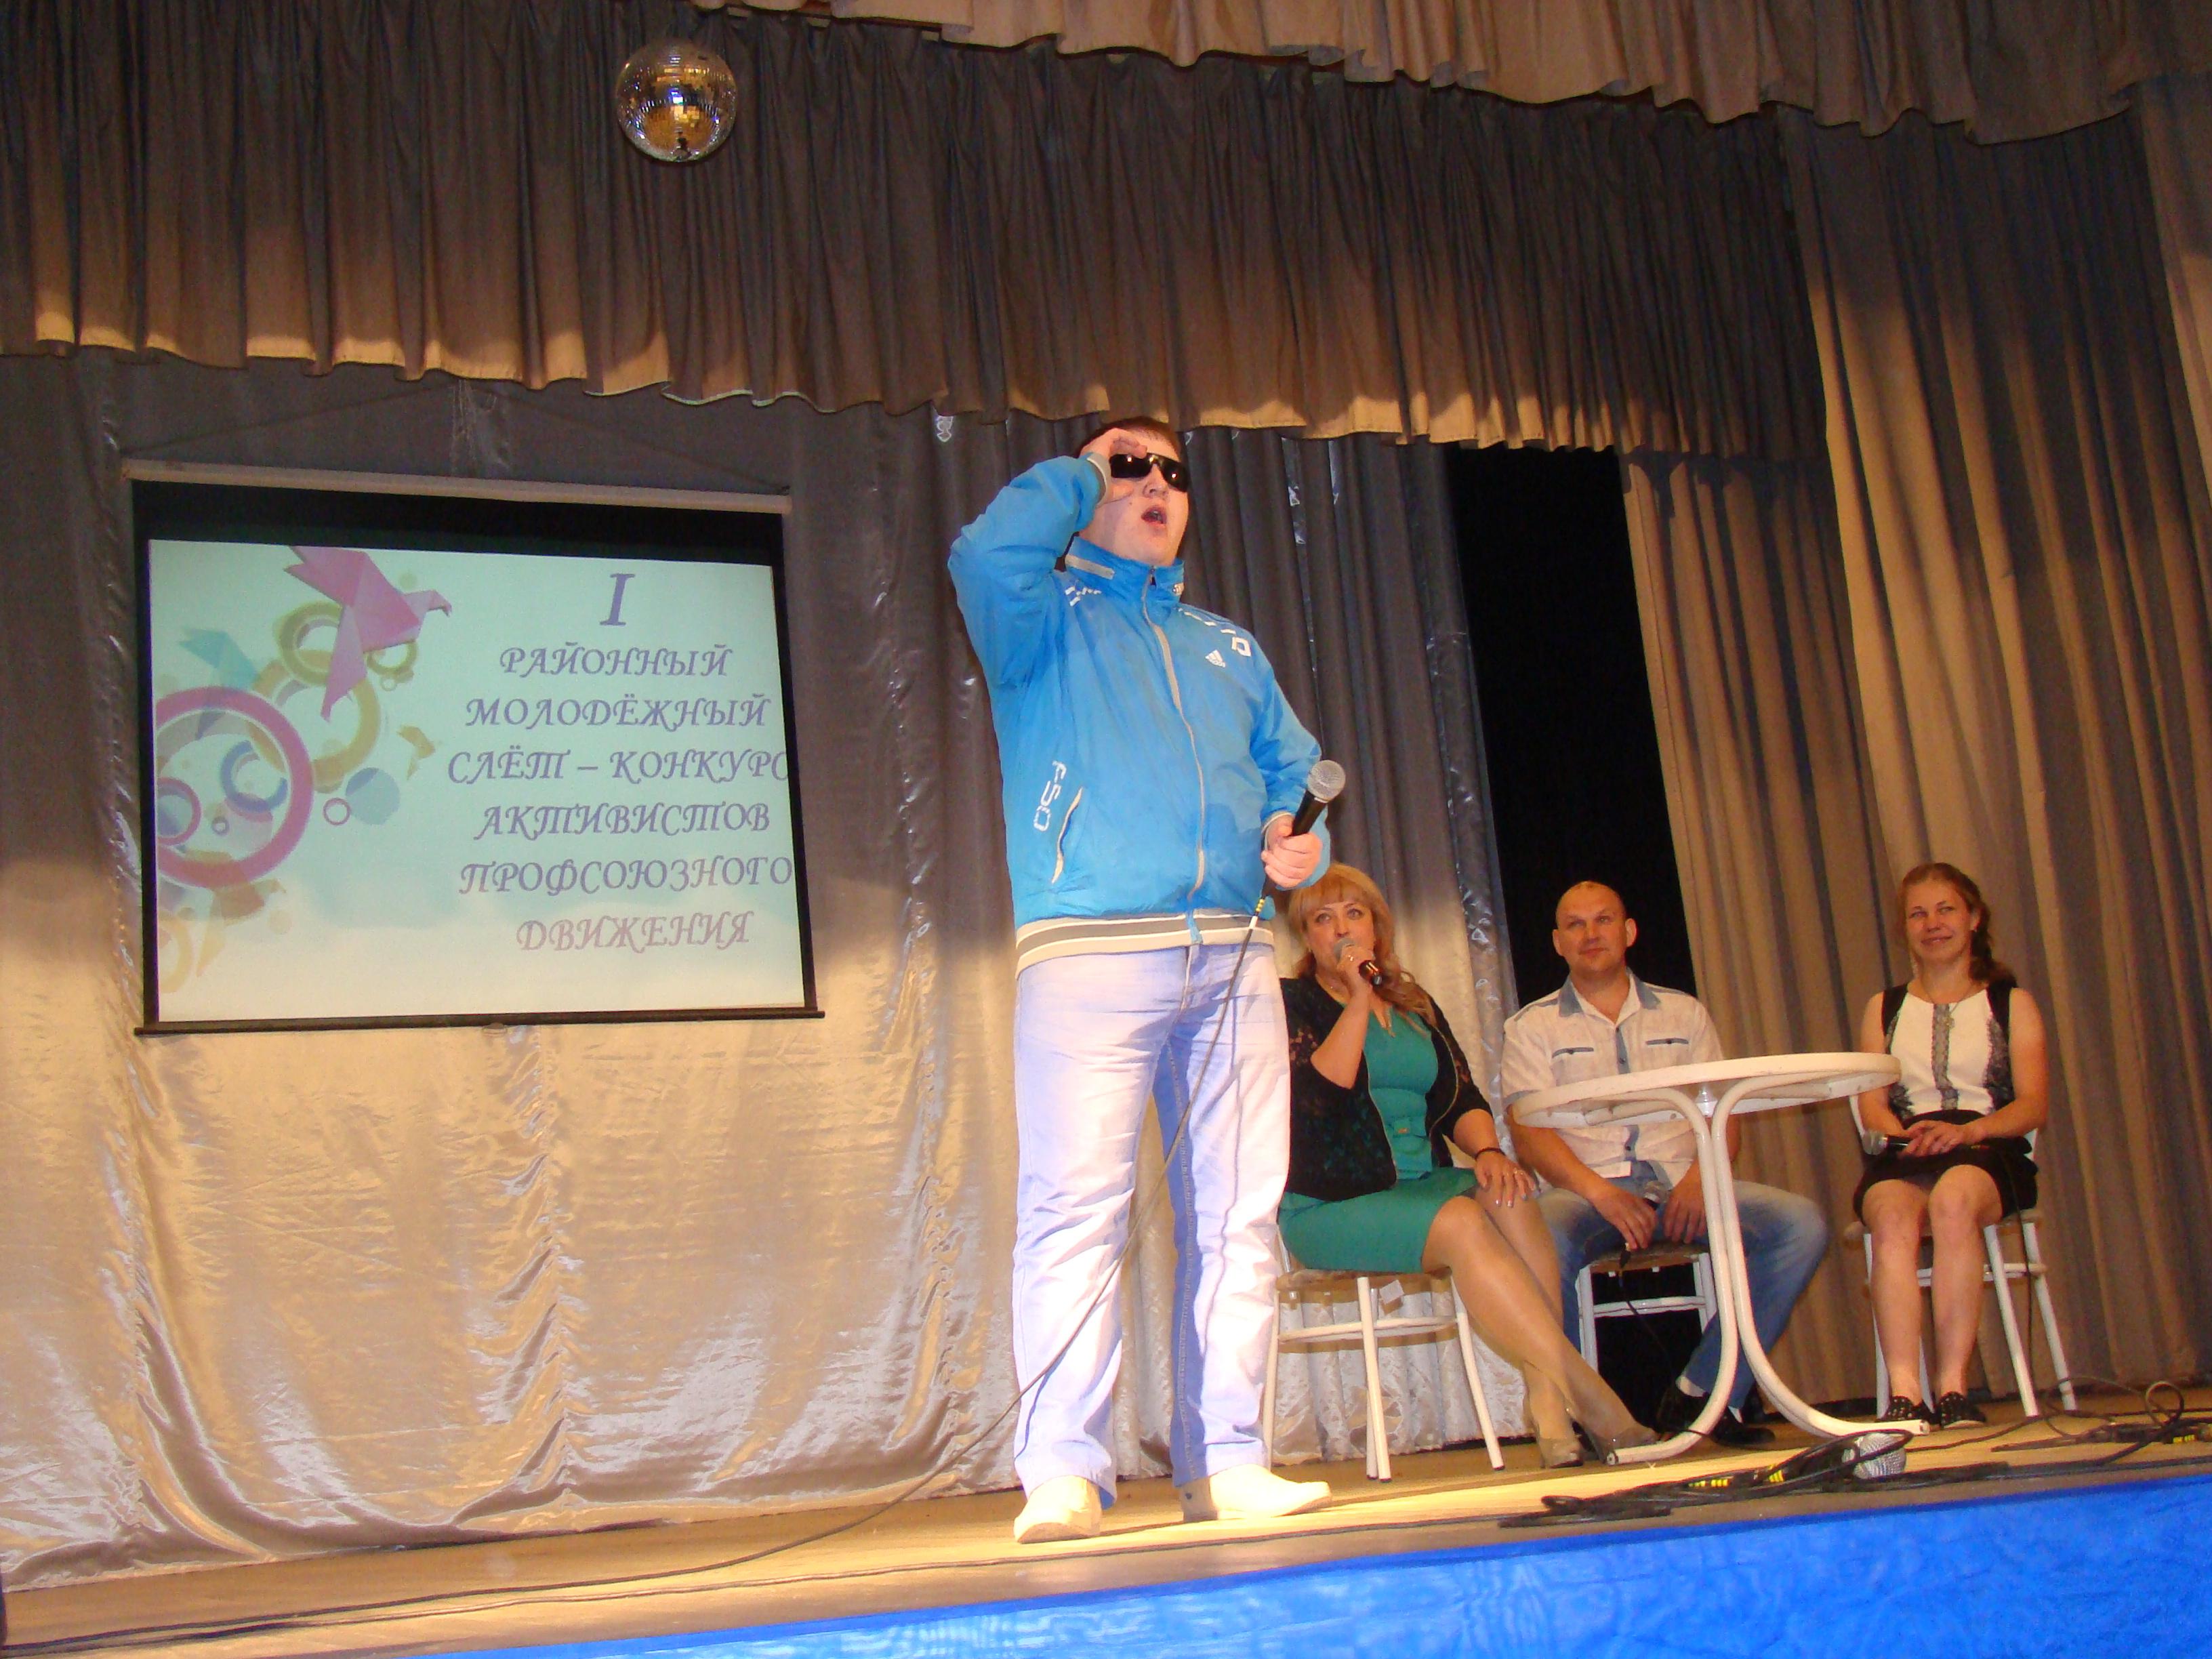 Конкурсы для молодежных слетов